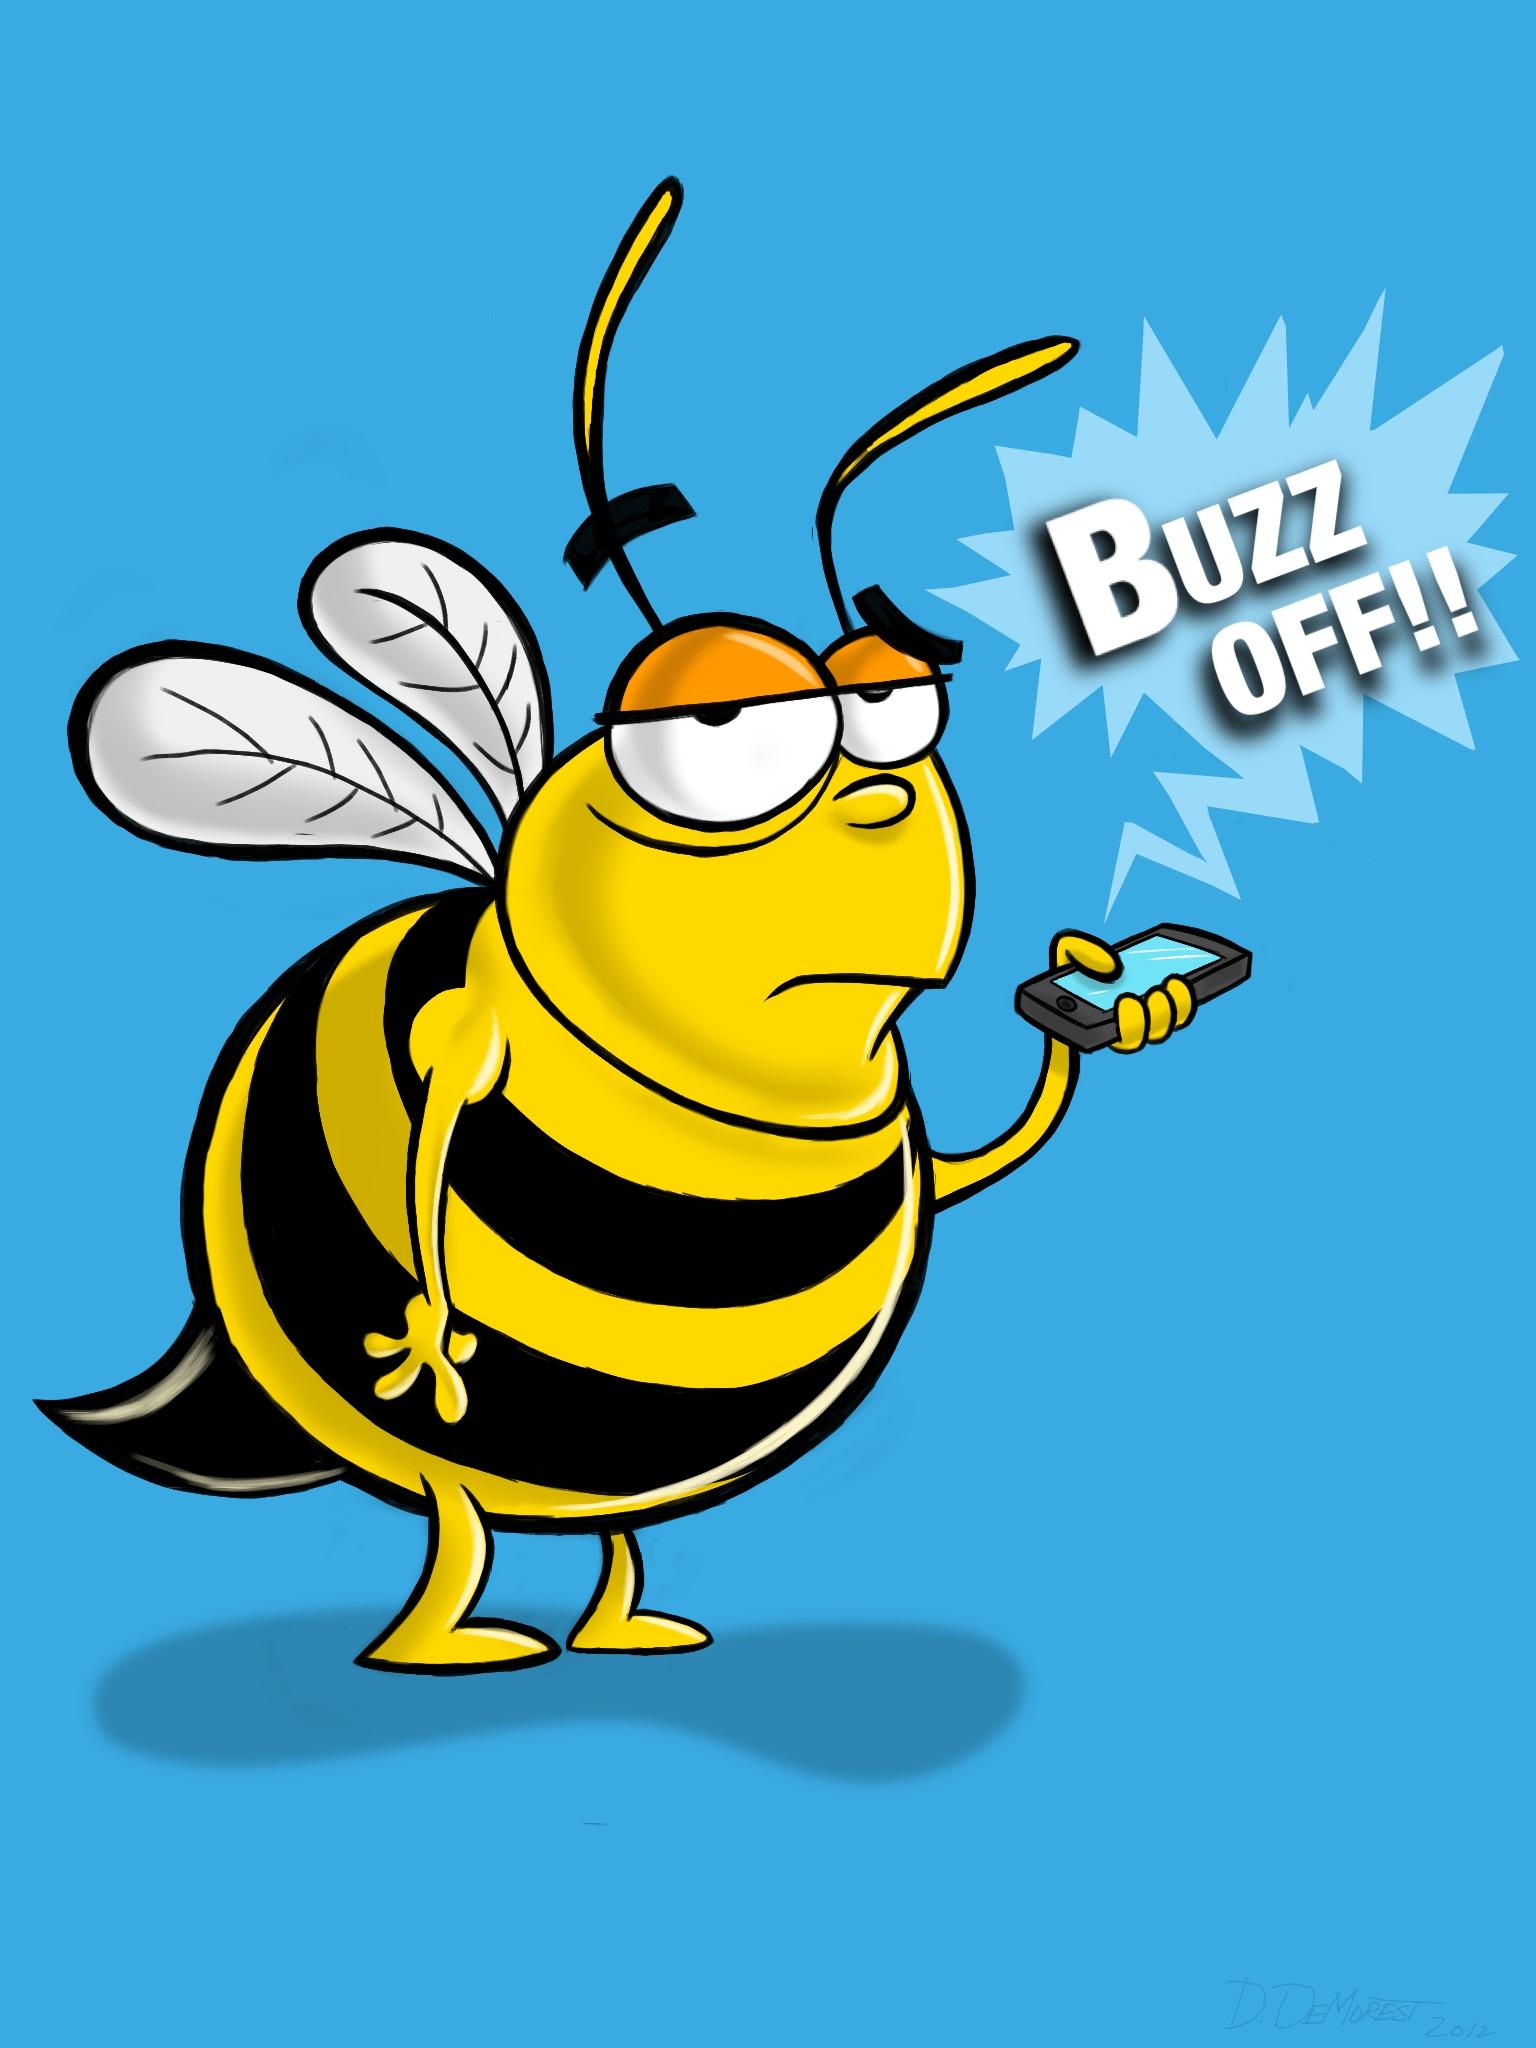 BuzzOff!.jpg